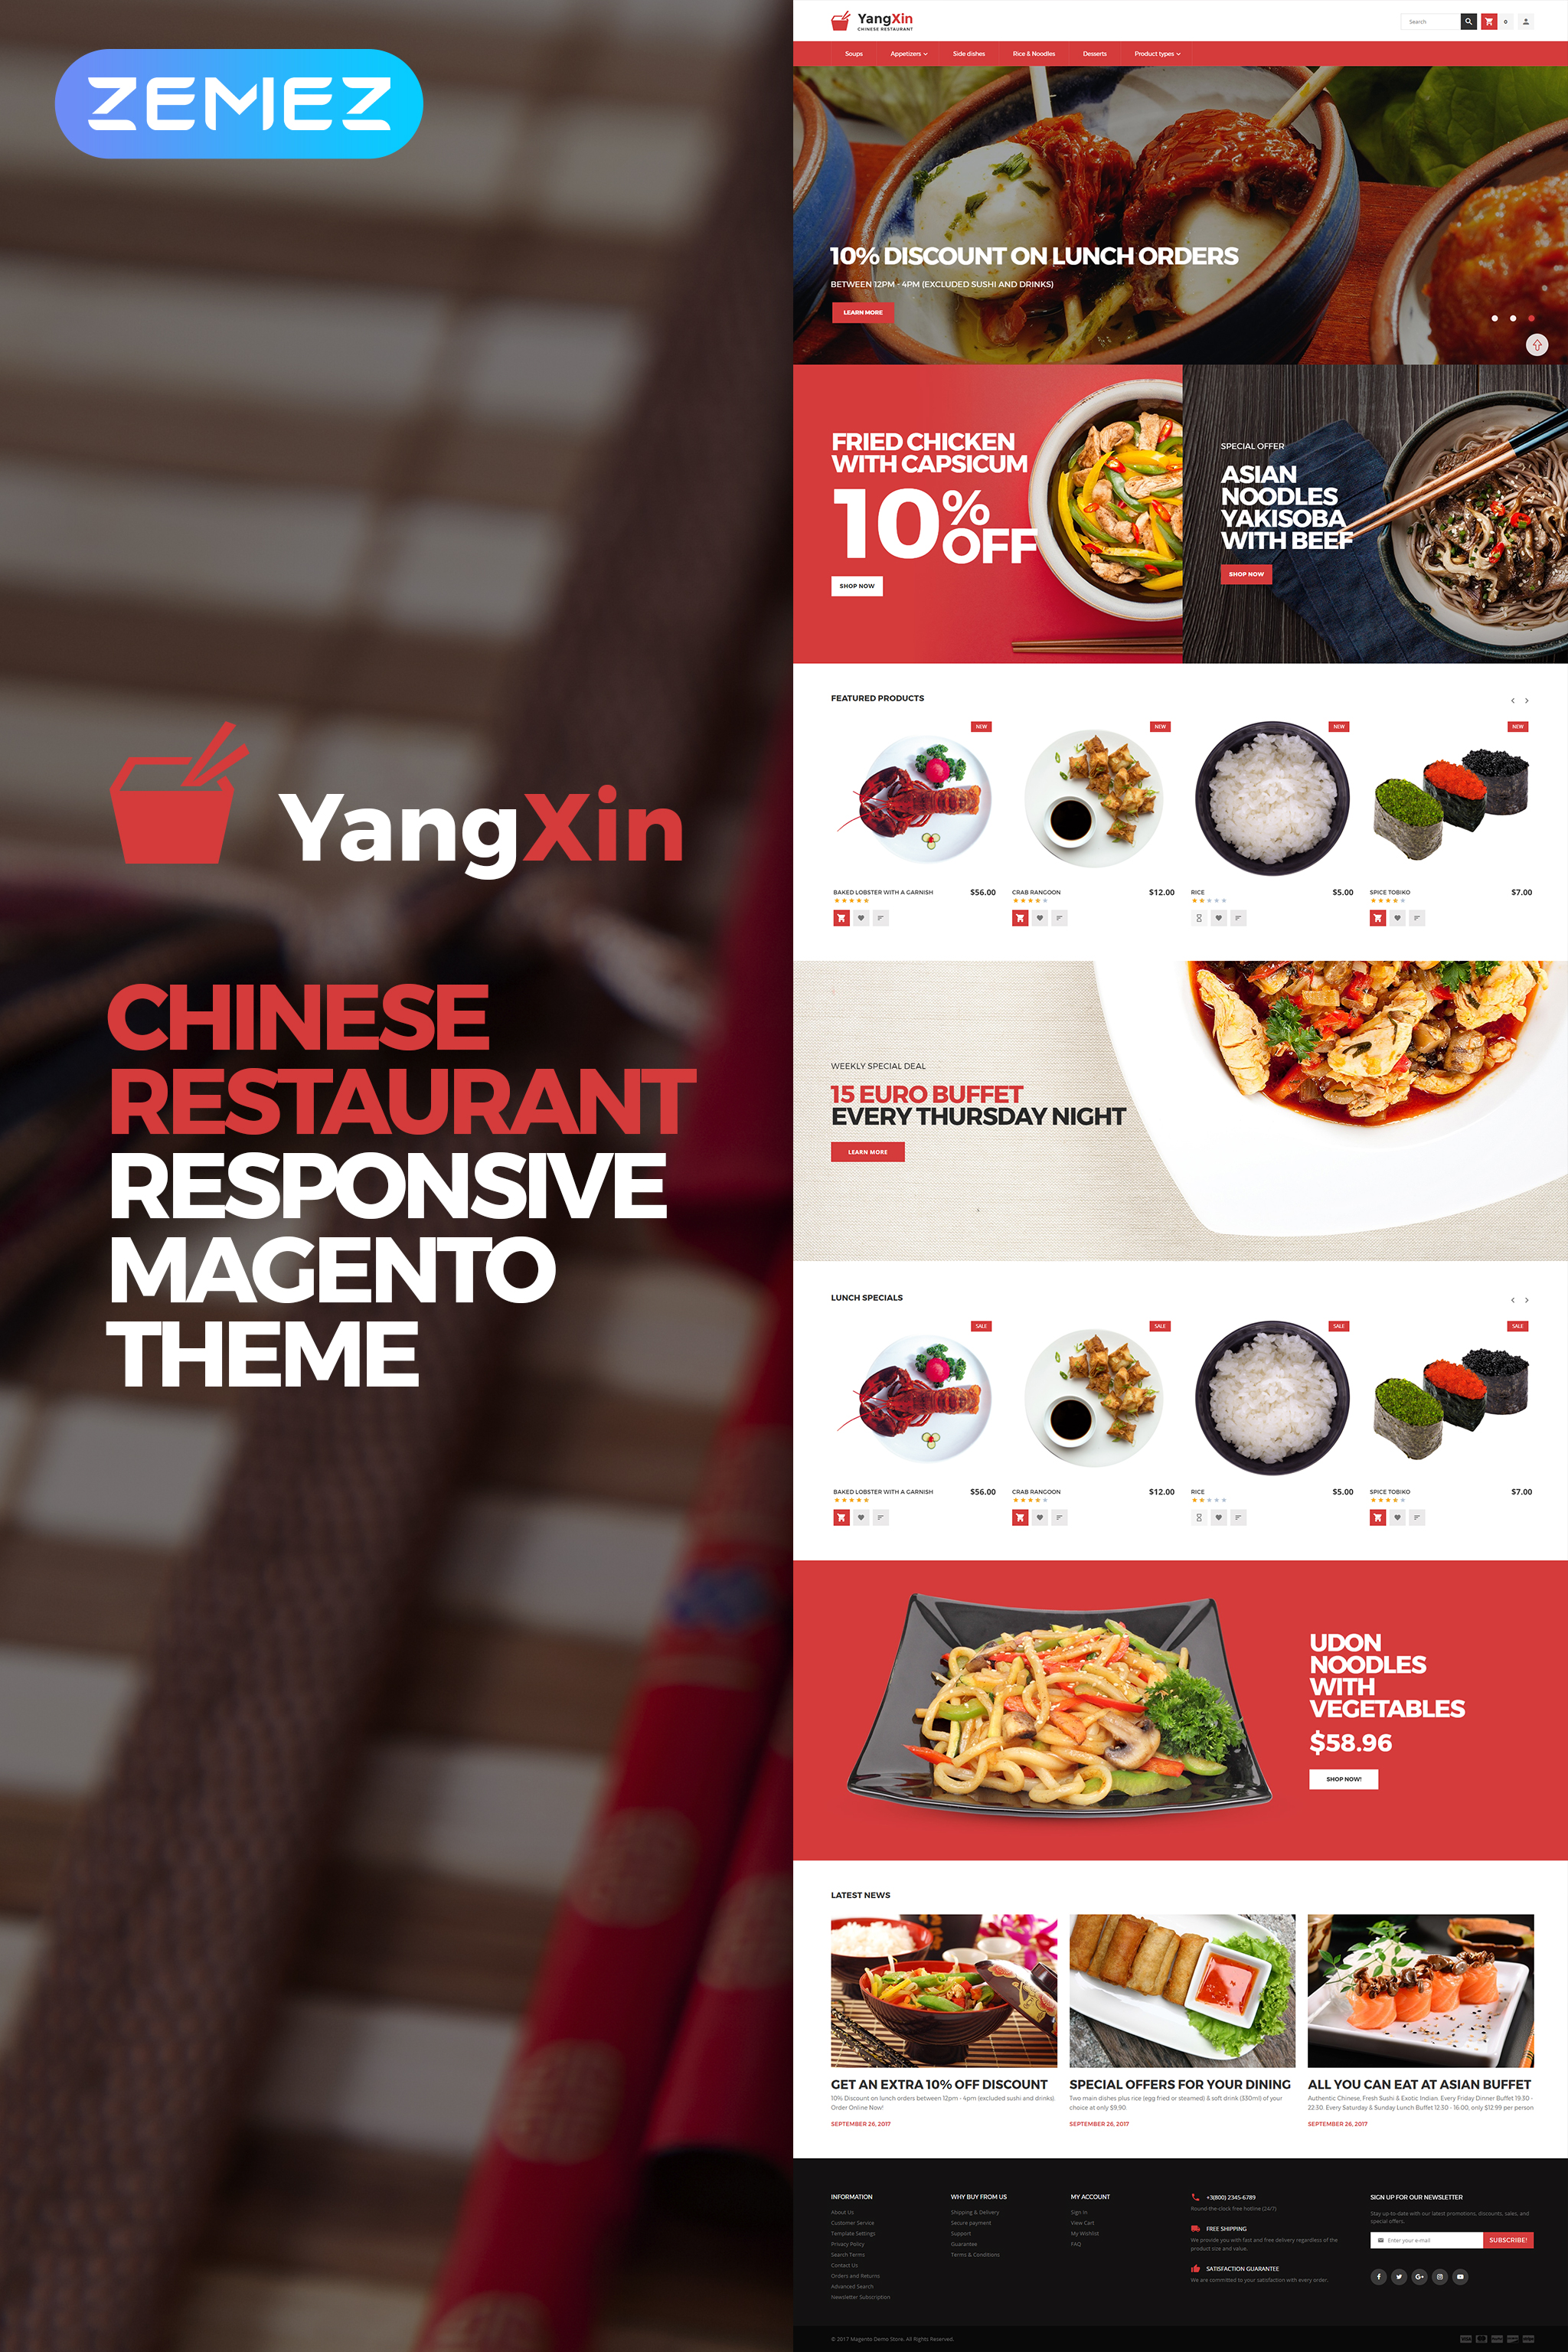 YangXin - Chinese Restaurant Magento Theme